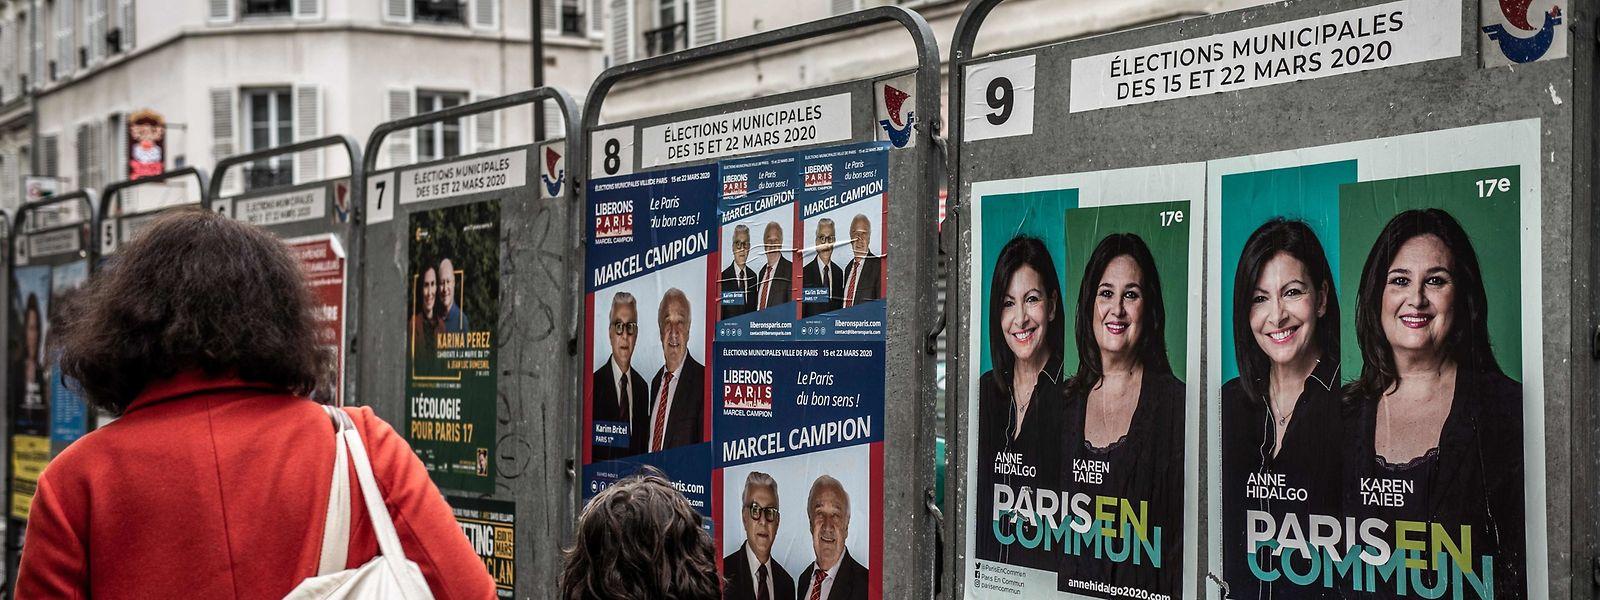 Les électeurs auront à choisir entre les 902.465 candidats souhaitant siéger en conseil municipal.